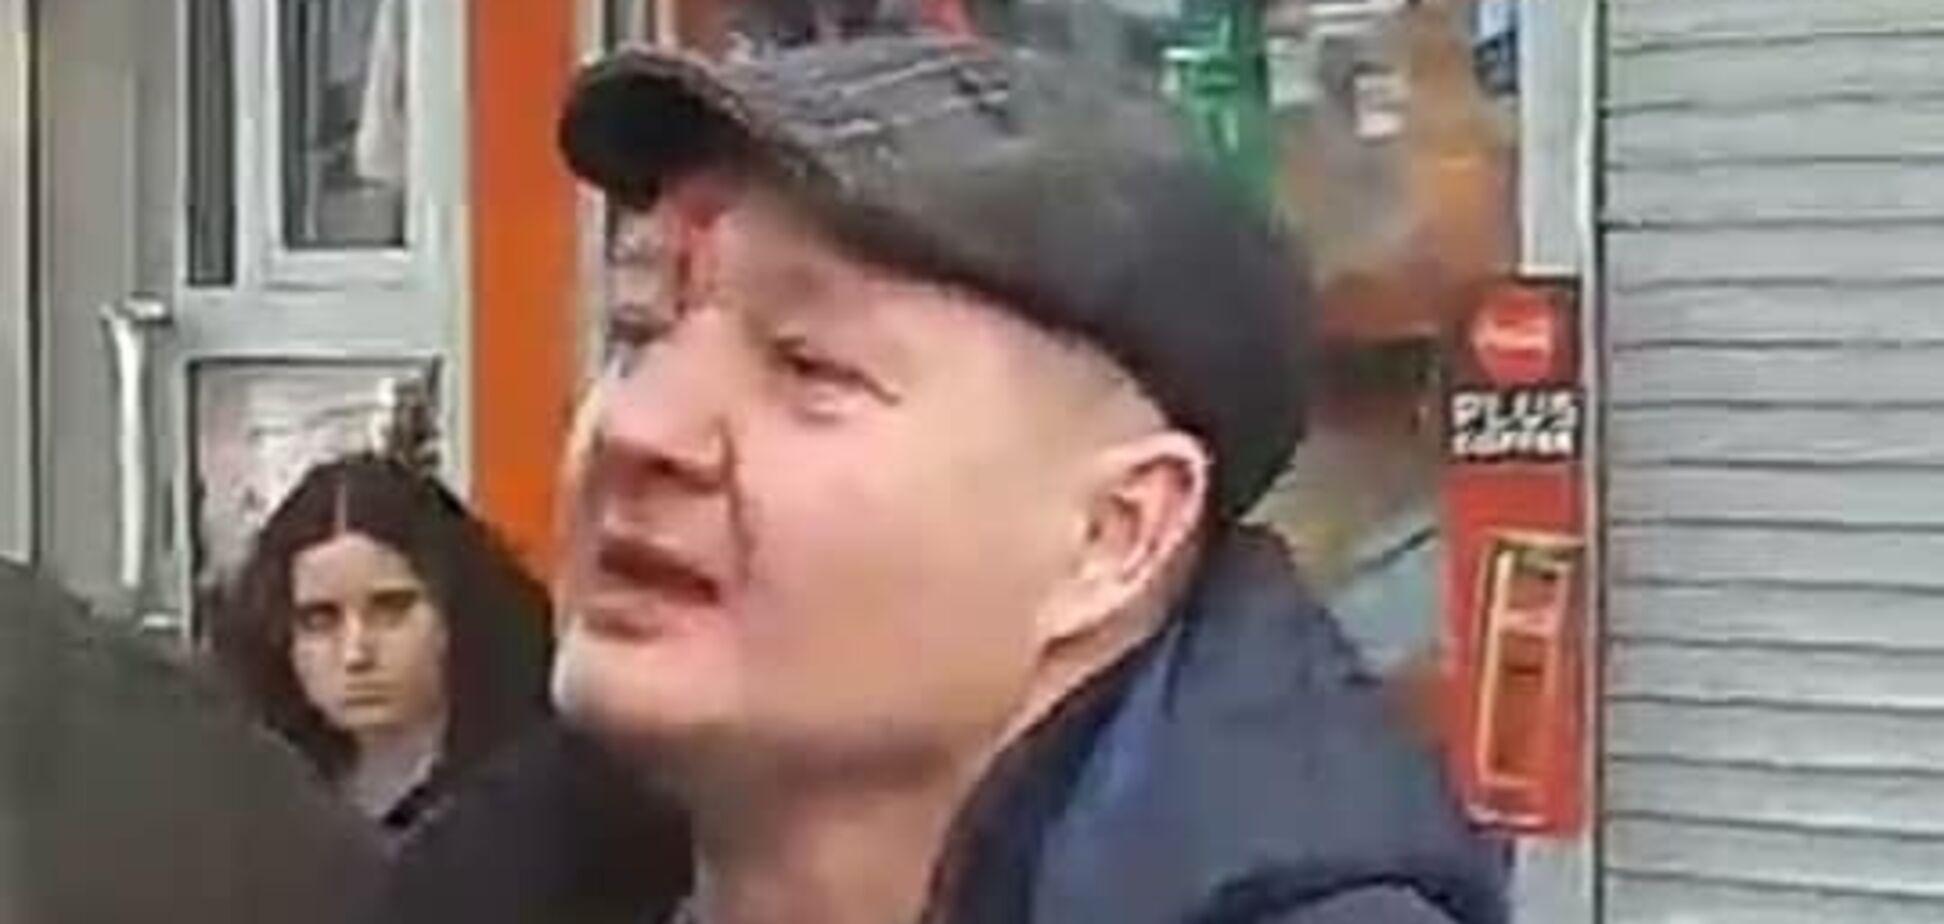 Полицейской разбили нос в маршрутке в Киеве: выяснились скандальные детали об обидчике